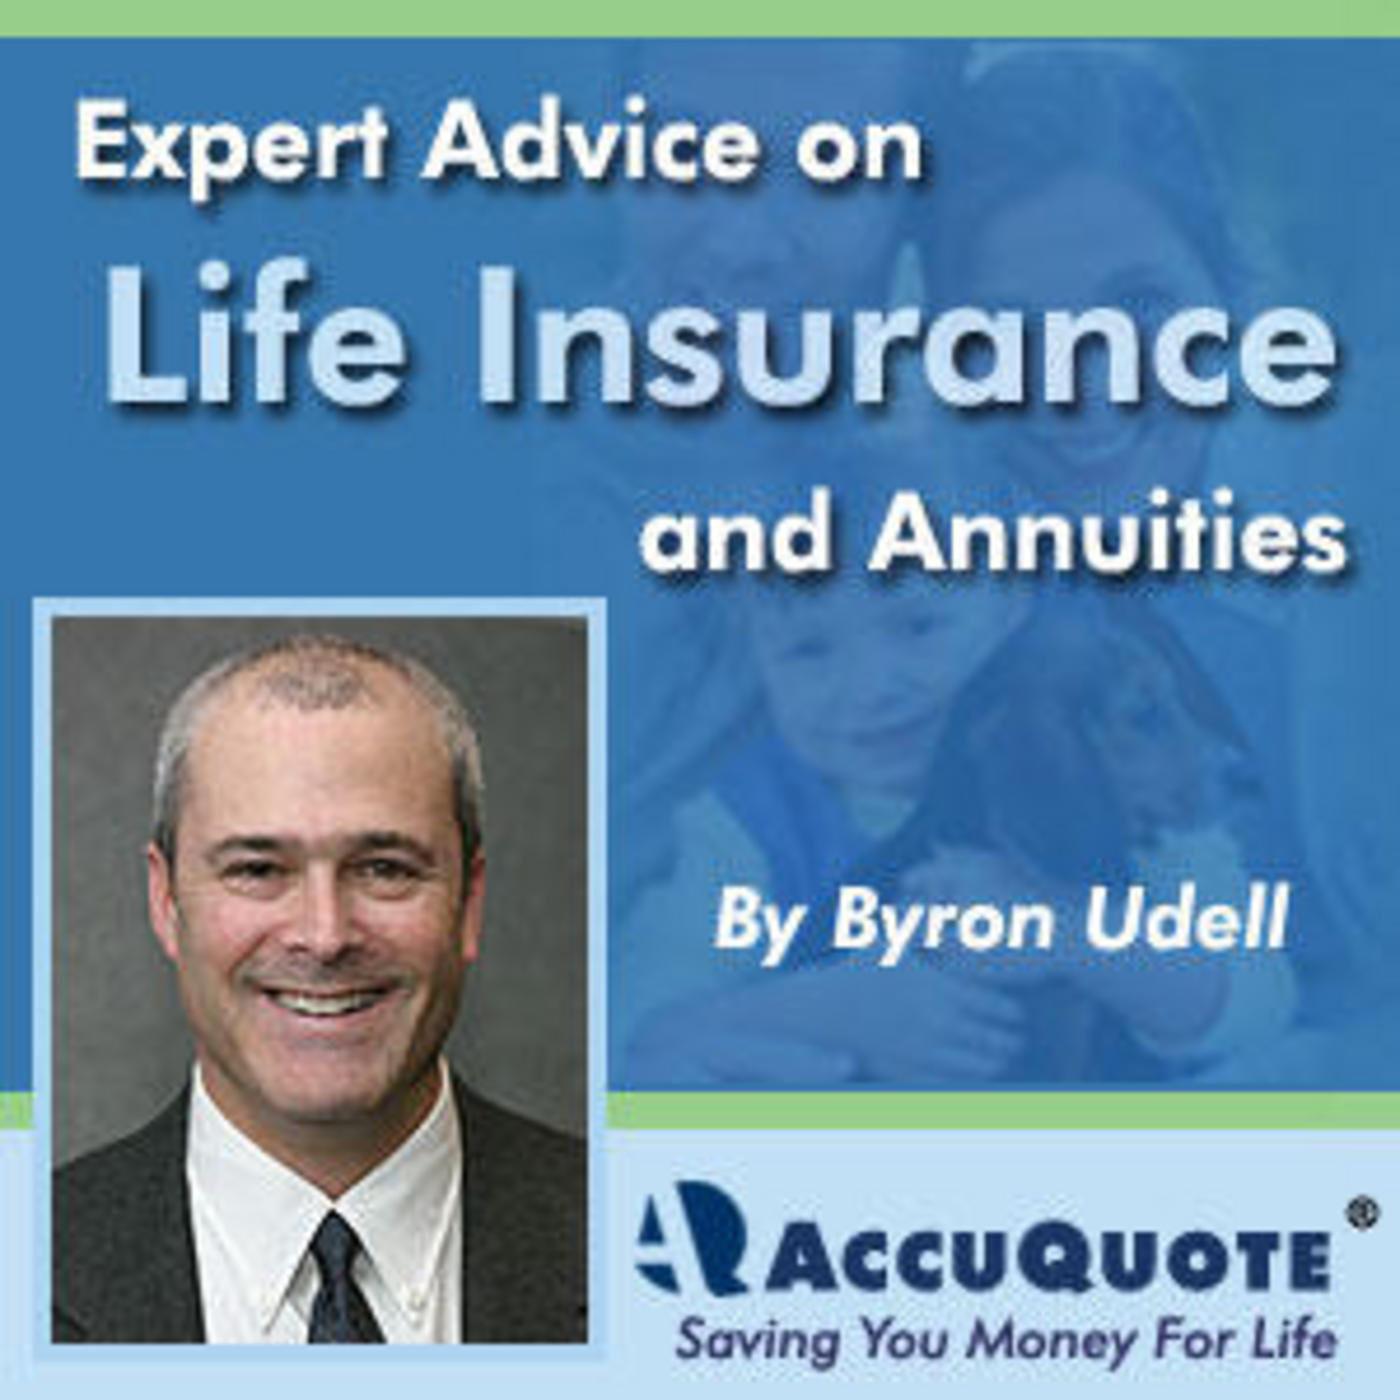 life annuities podcast © copyright 2000-2014 new york life insurance company, 51 madison avenue, new york, ny 10010.